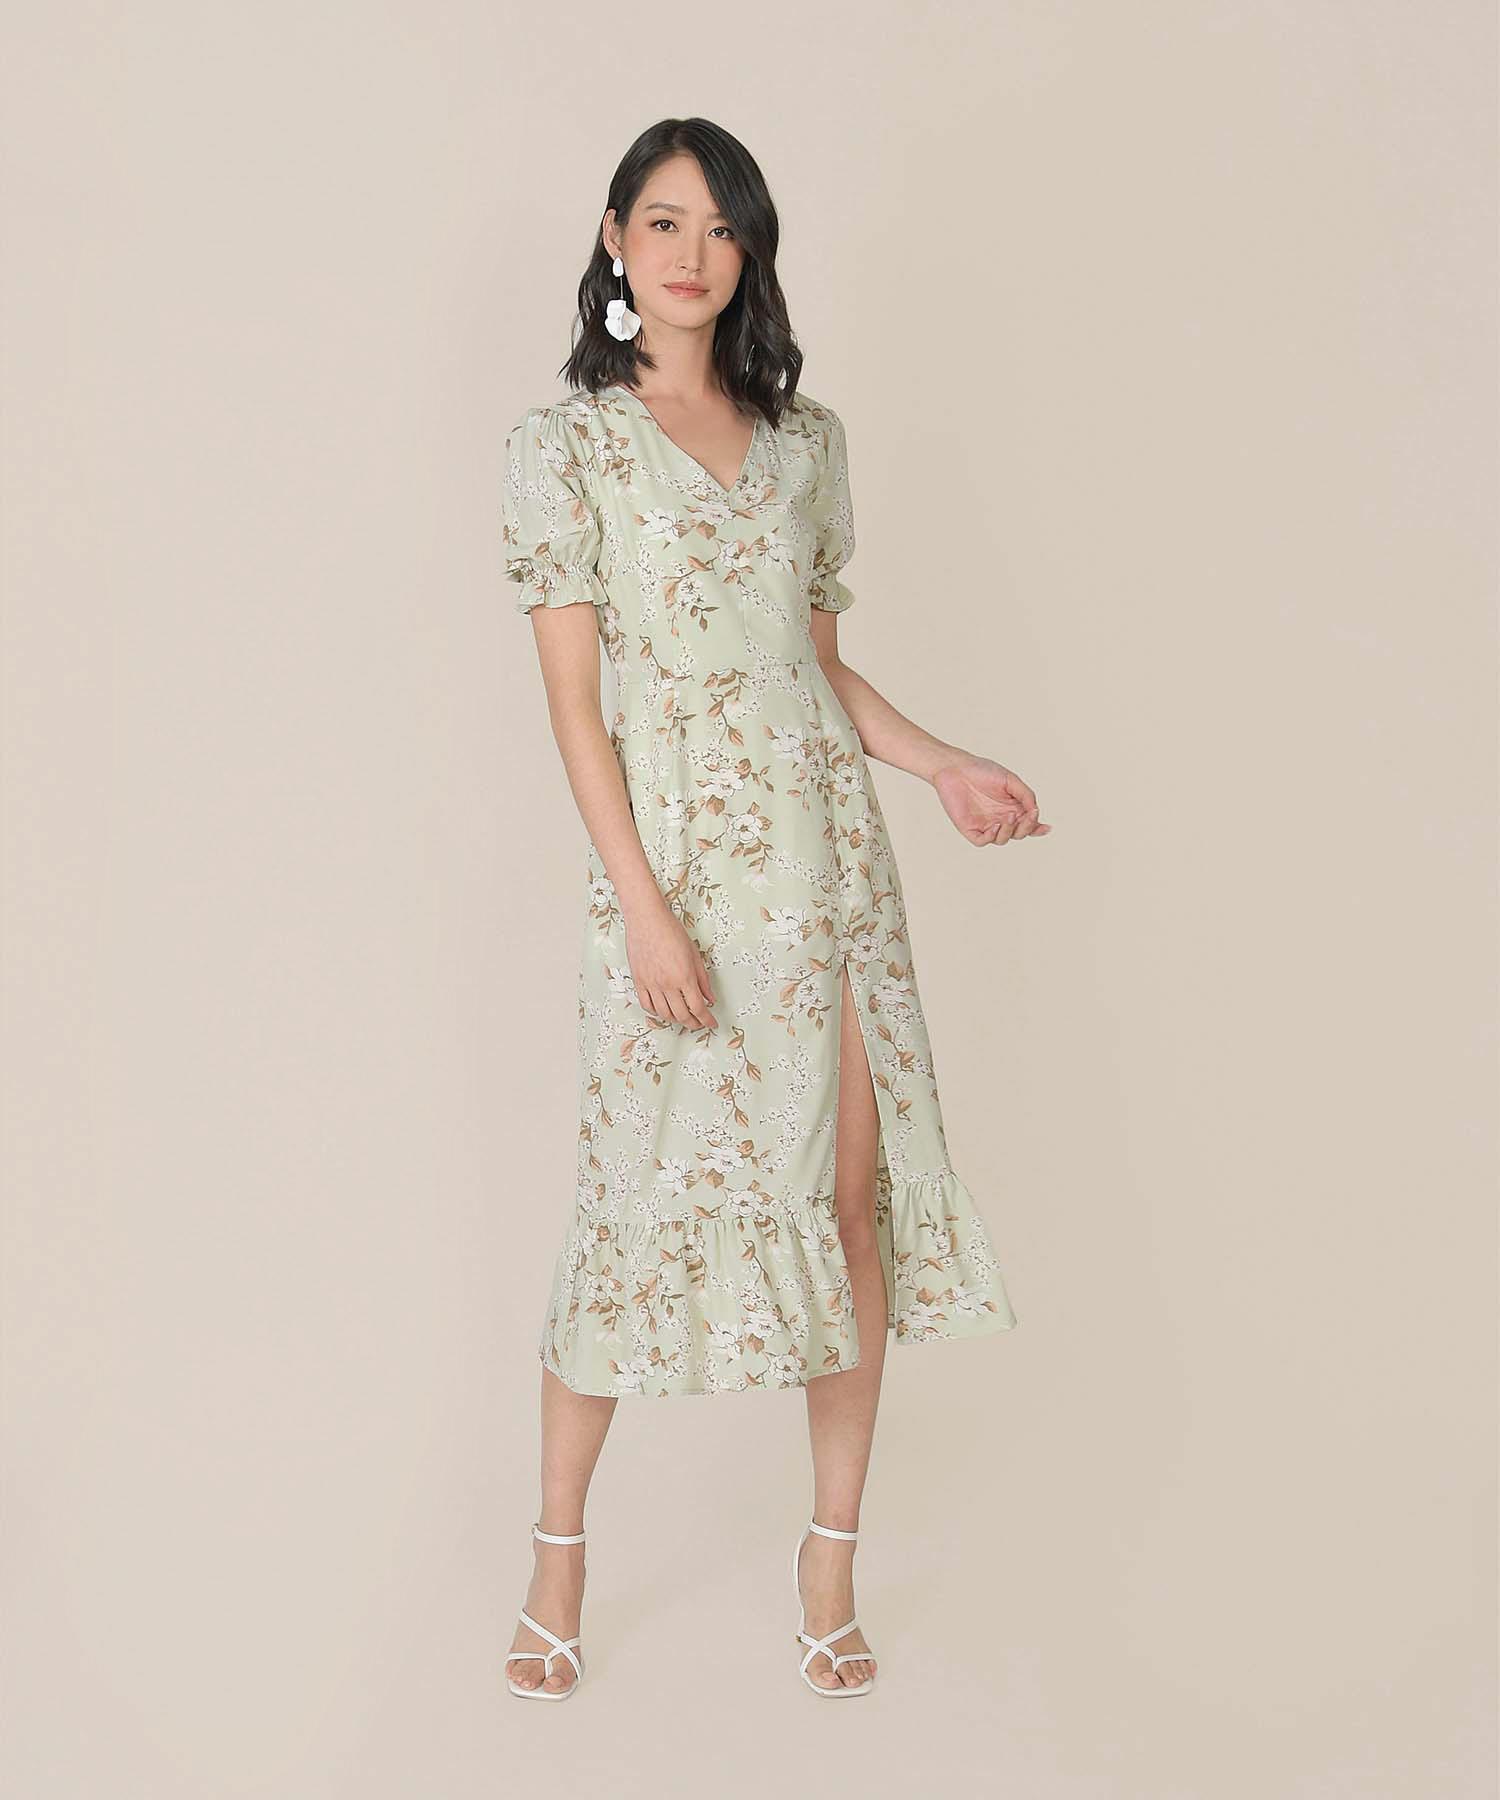 azure-floral-mermaid-midi-dress-pale-pistachio-1